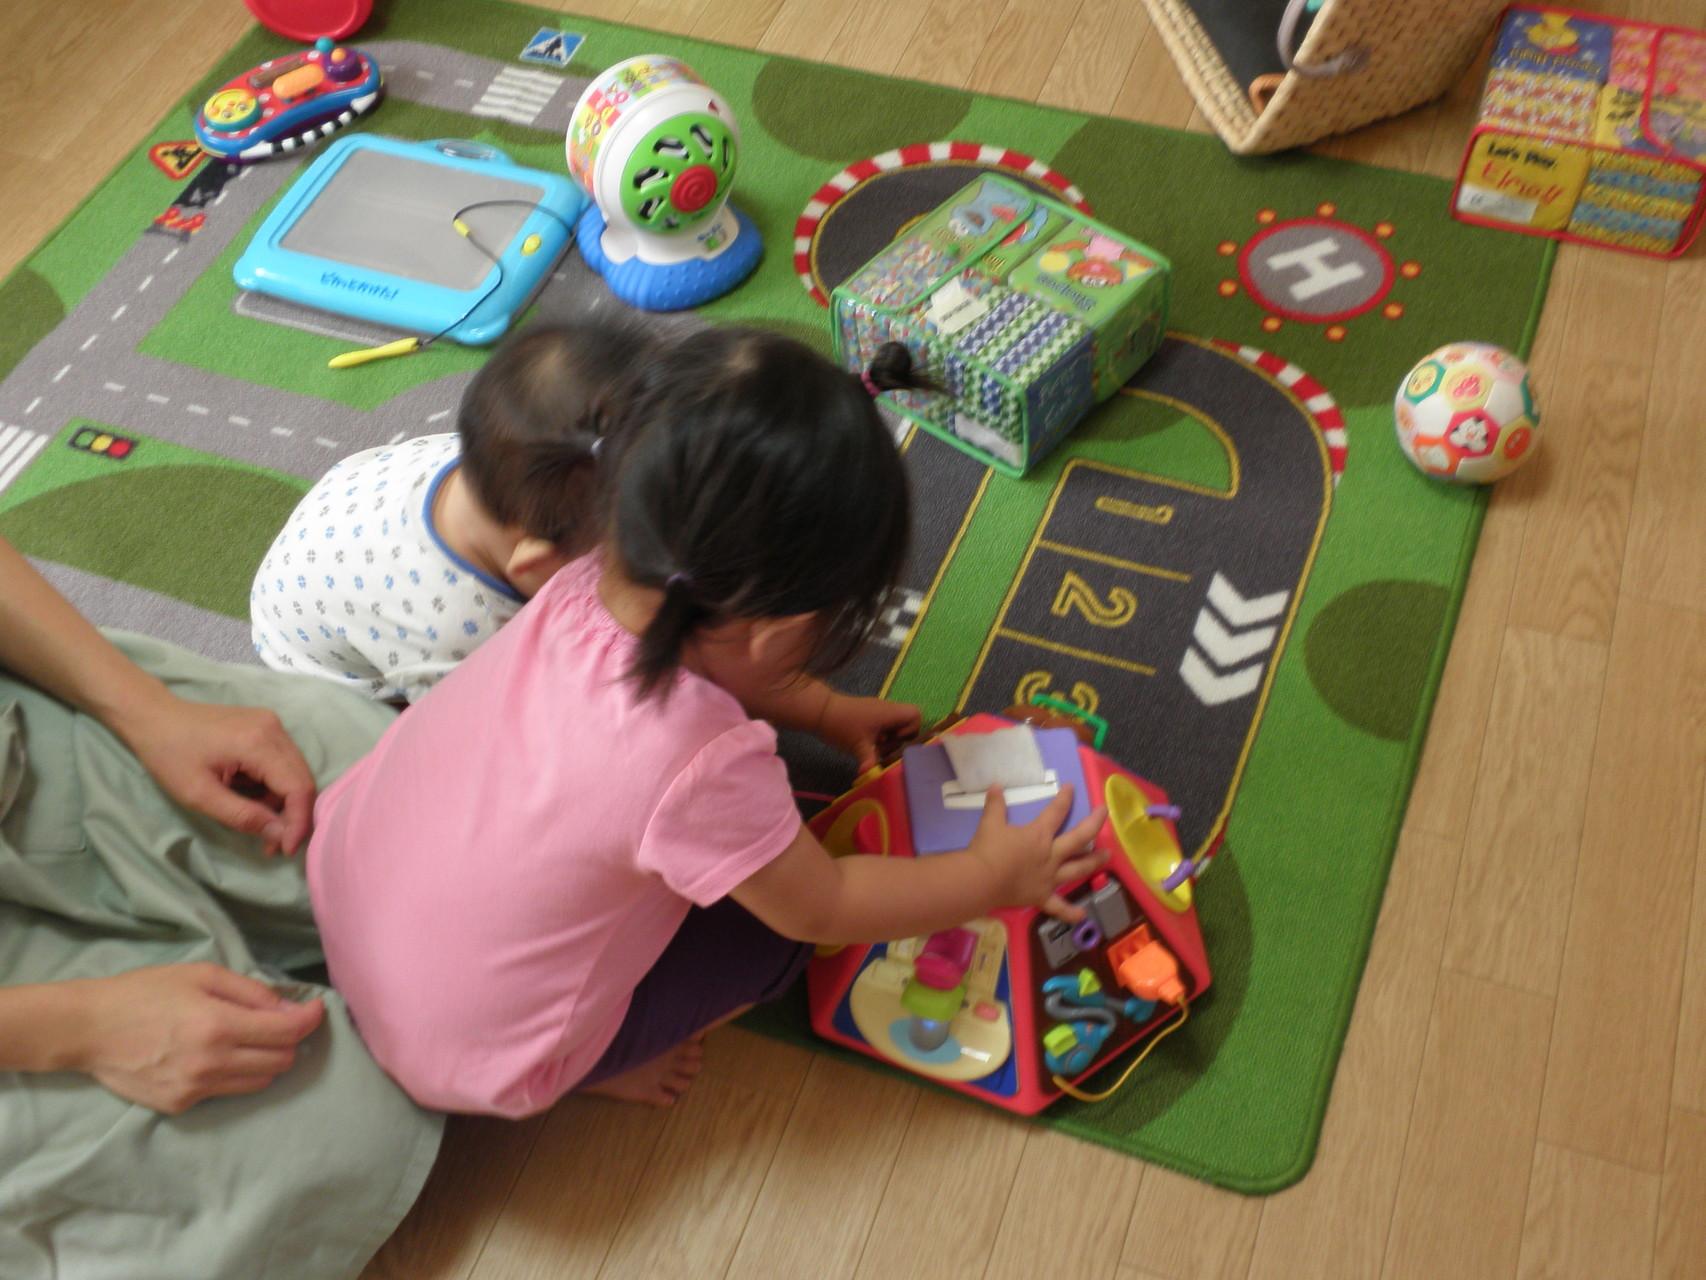 待っている間はおもちゃで遊んで楽しんでくれています